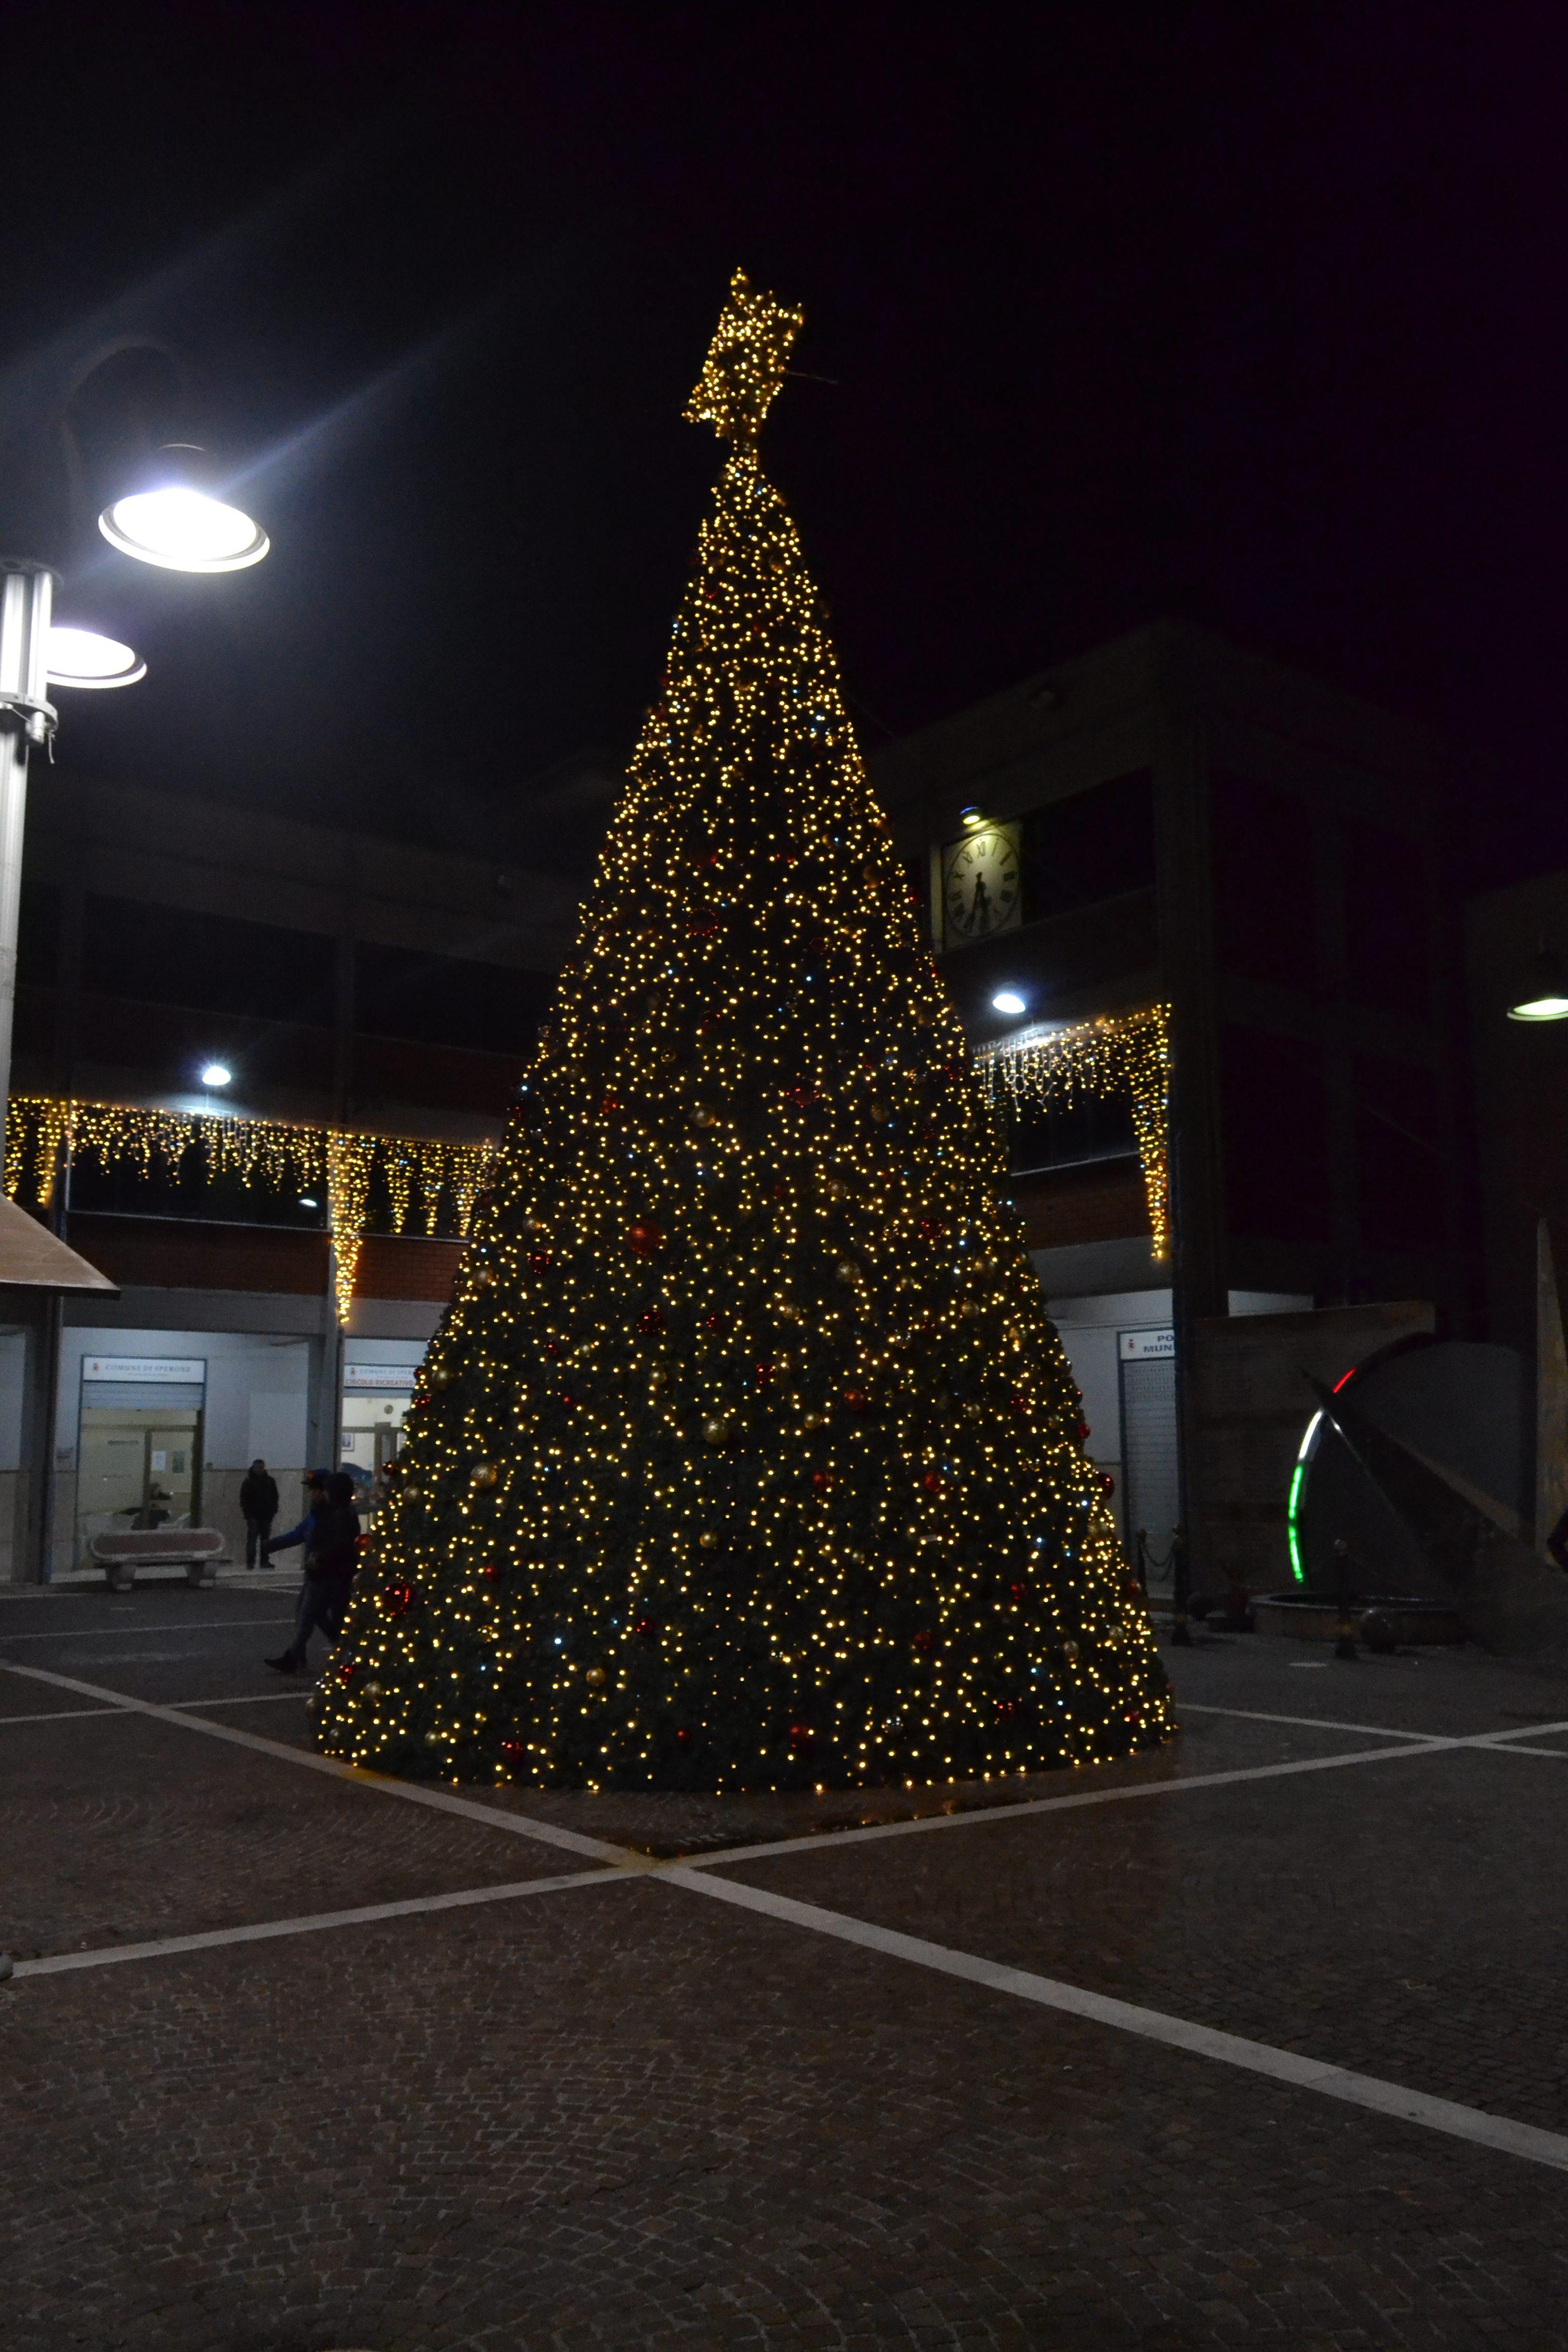 albero di natale led caserta stella